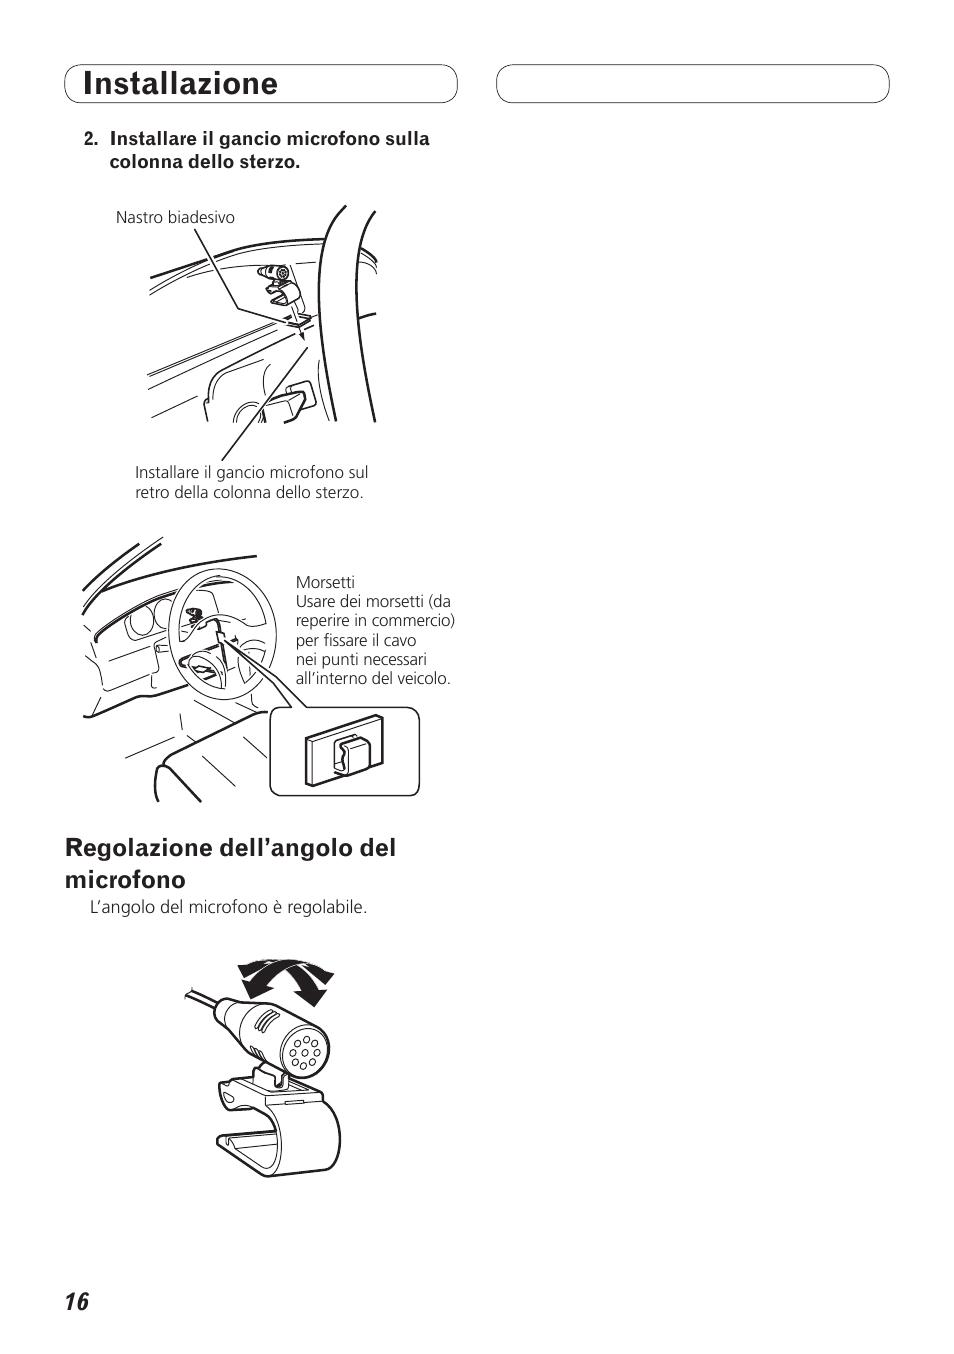 Wiring Diagram For Pioneer Avh P4200dvd Library Regolazione Dellangolo Del Microfono Installazione User Manual